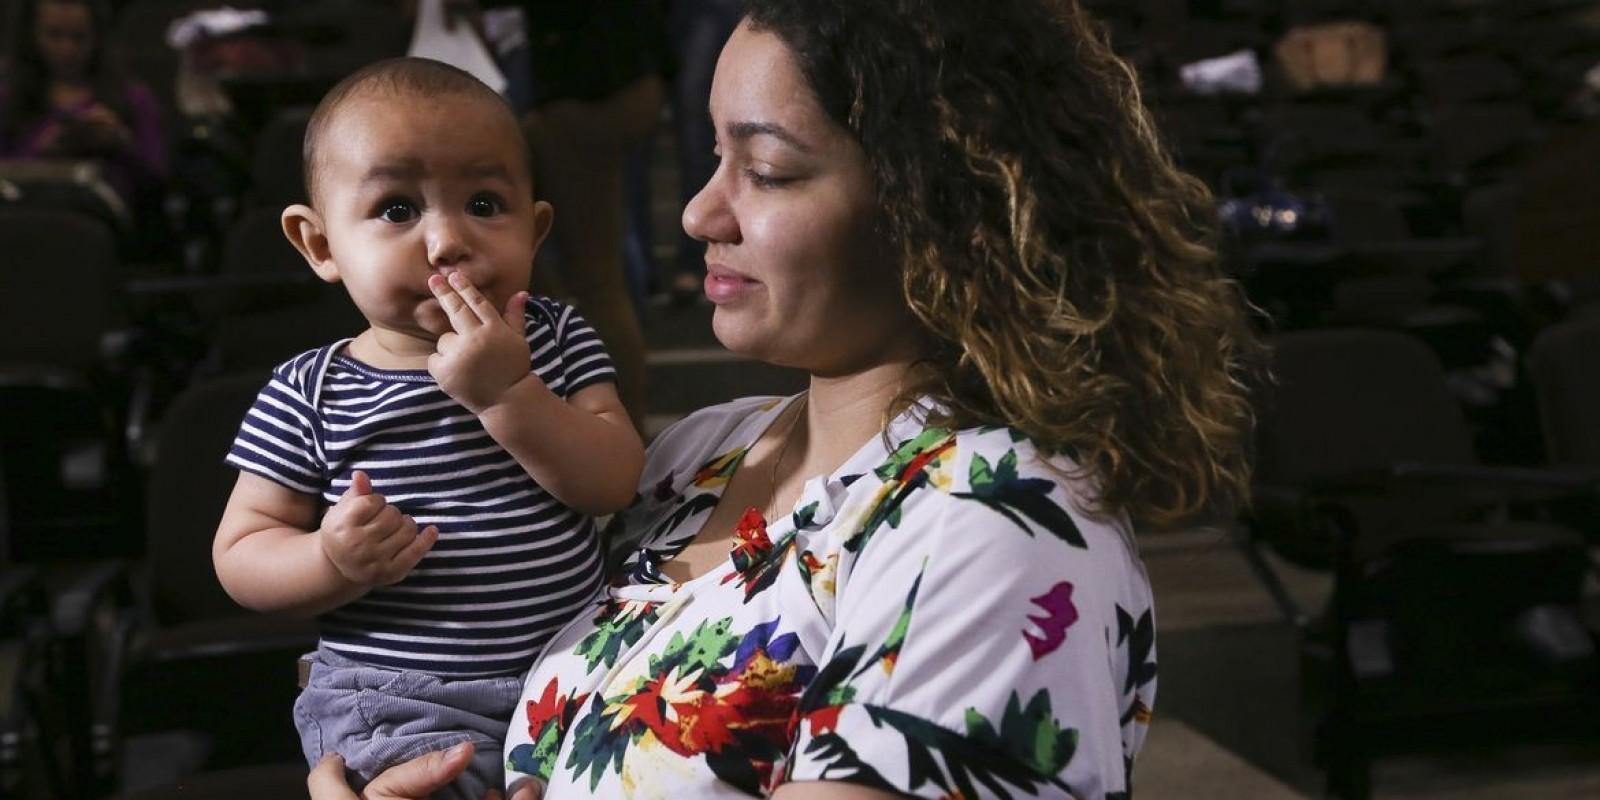 Isolamento impõe desafios a pais separados com guarda compartilhada